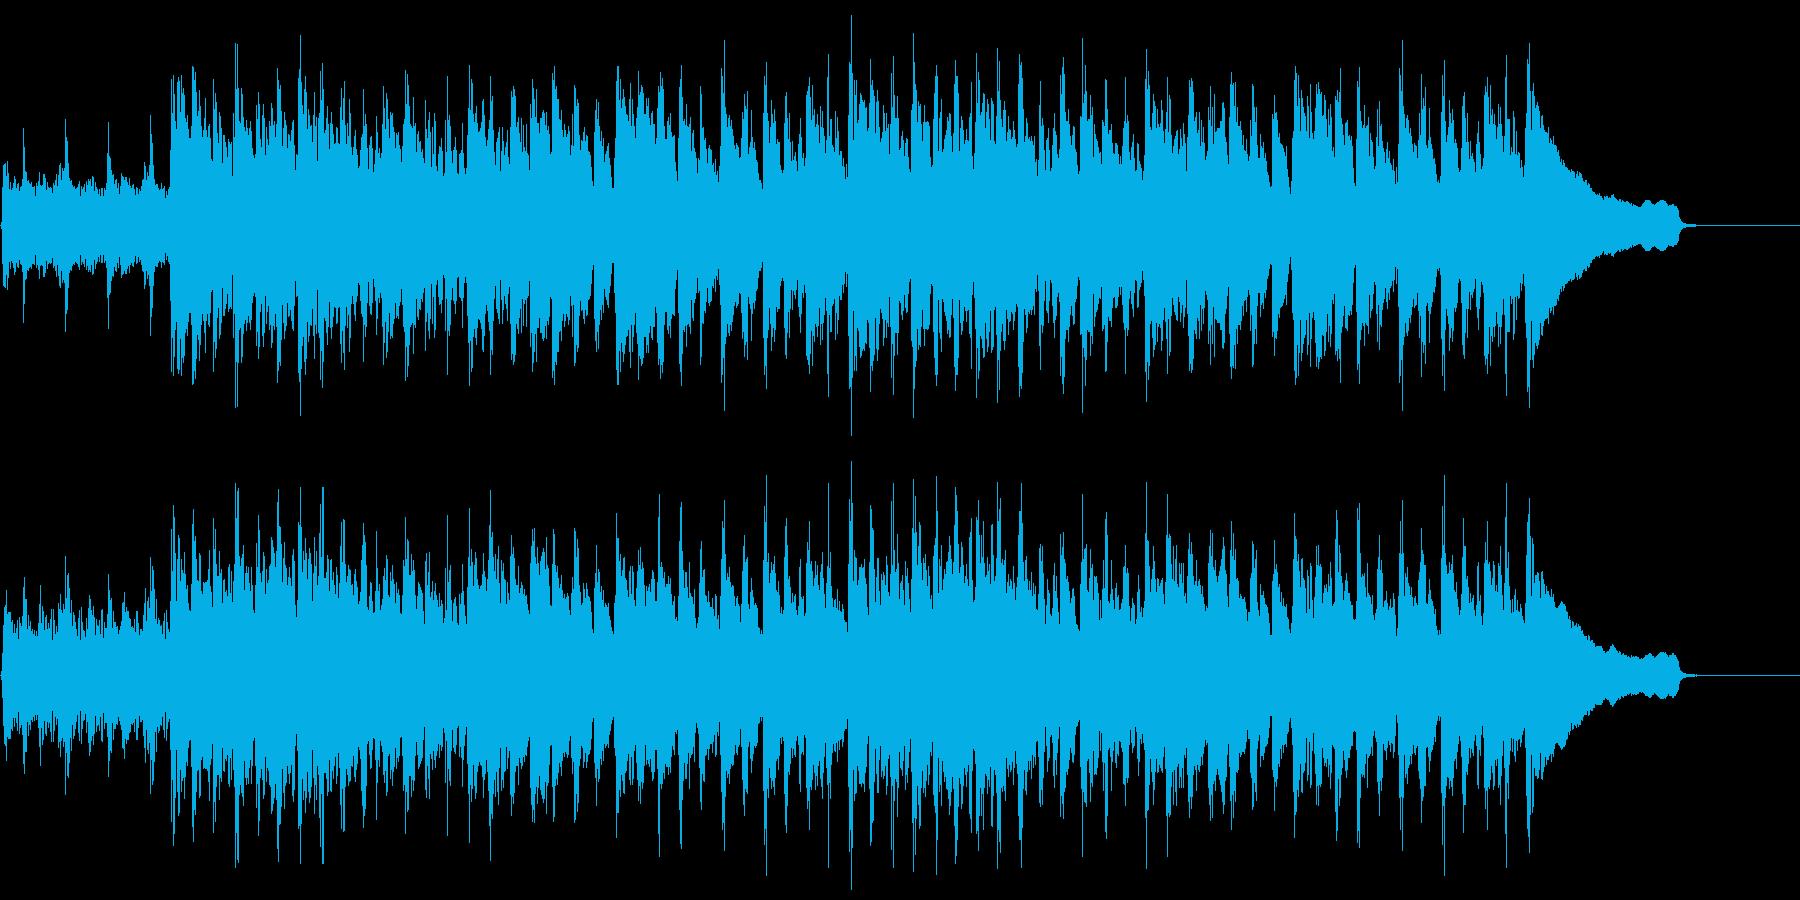 動画広告 30秒 ベル ギターB 楽しいの再生済みの波形